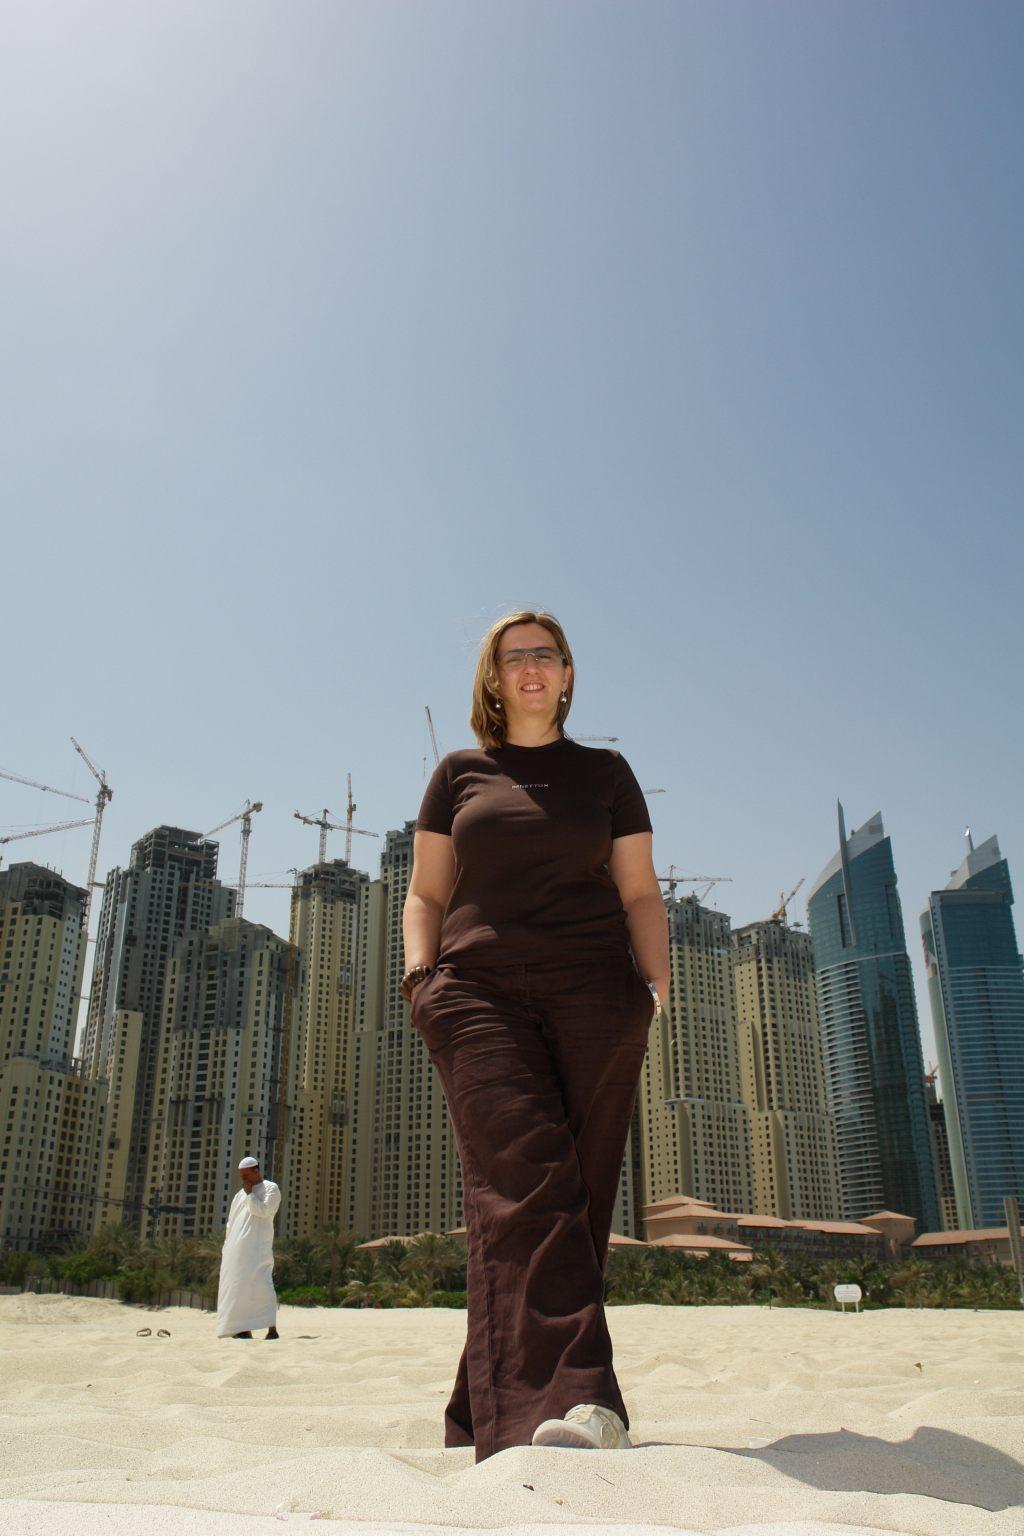 u pozadini se vidi puno zgrada u izgradnji